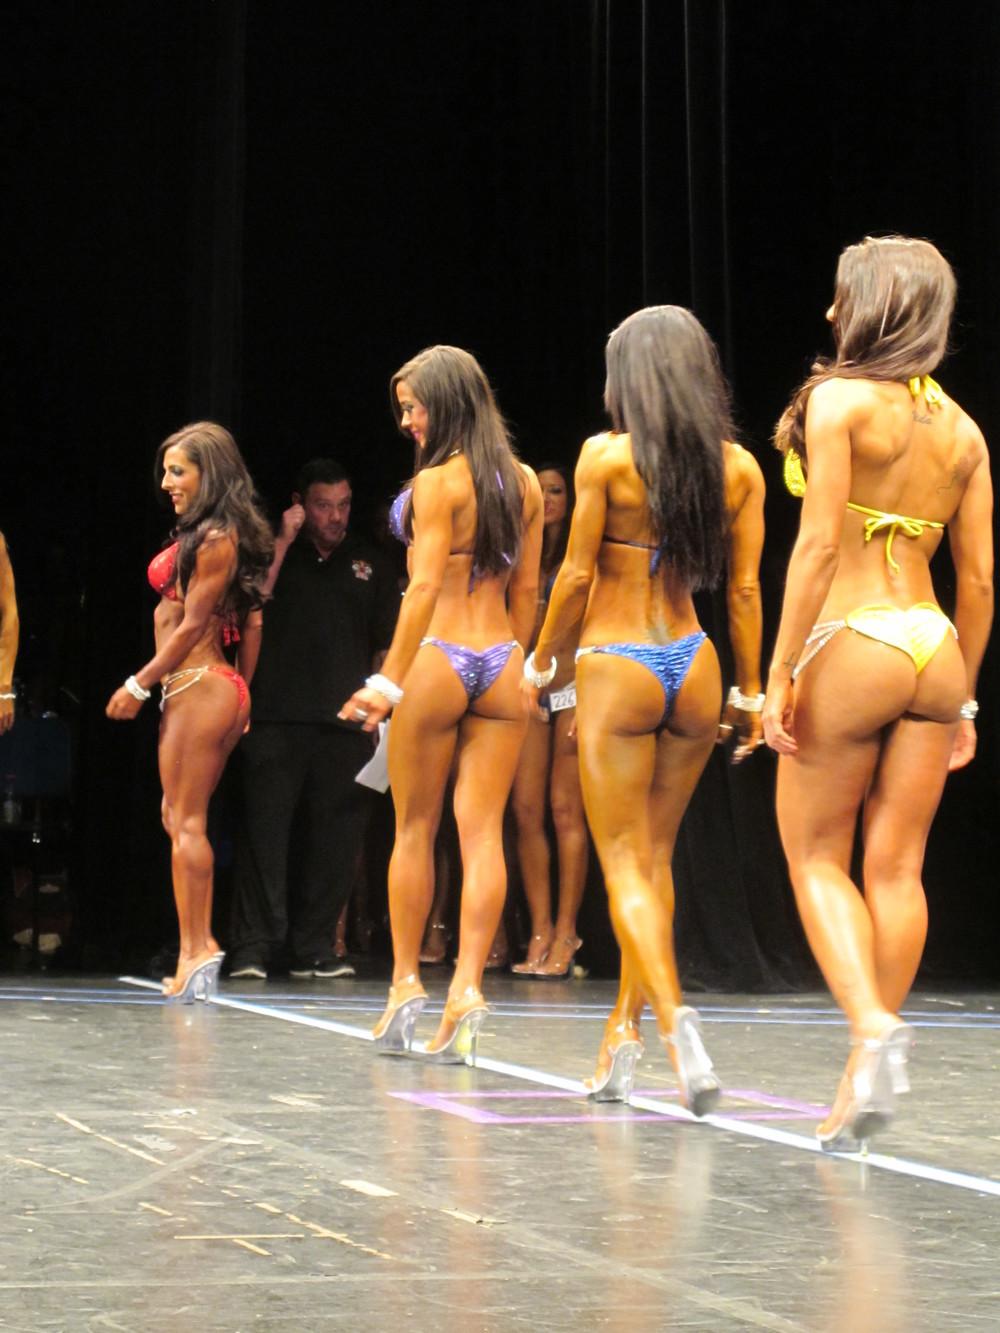 bodybuilding 044.jpg